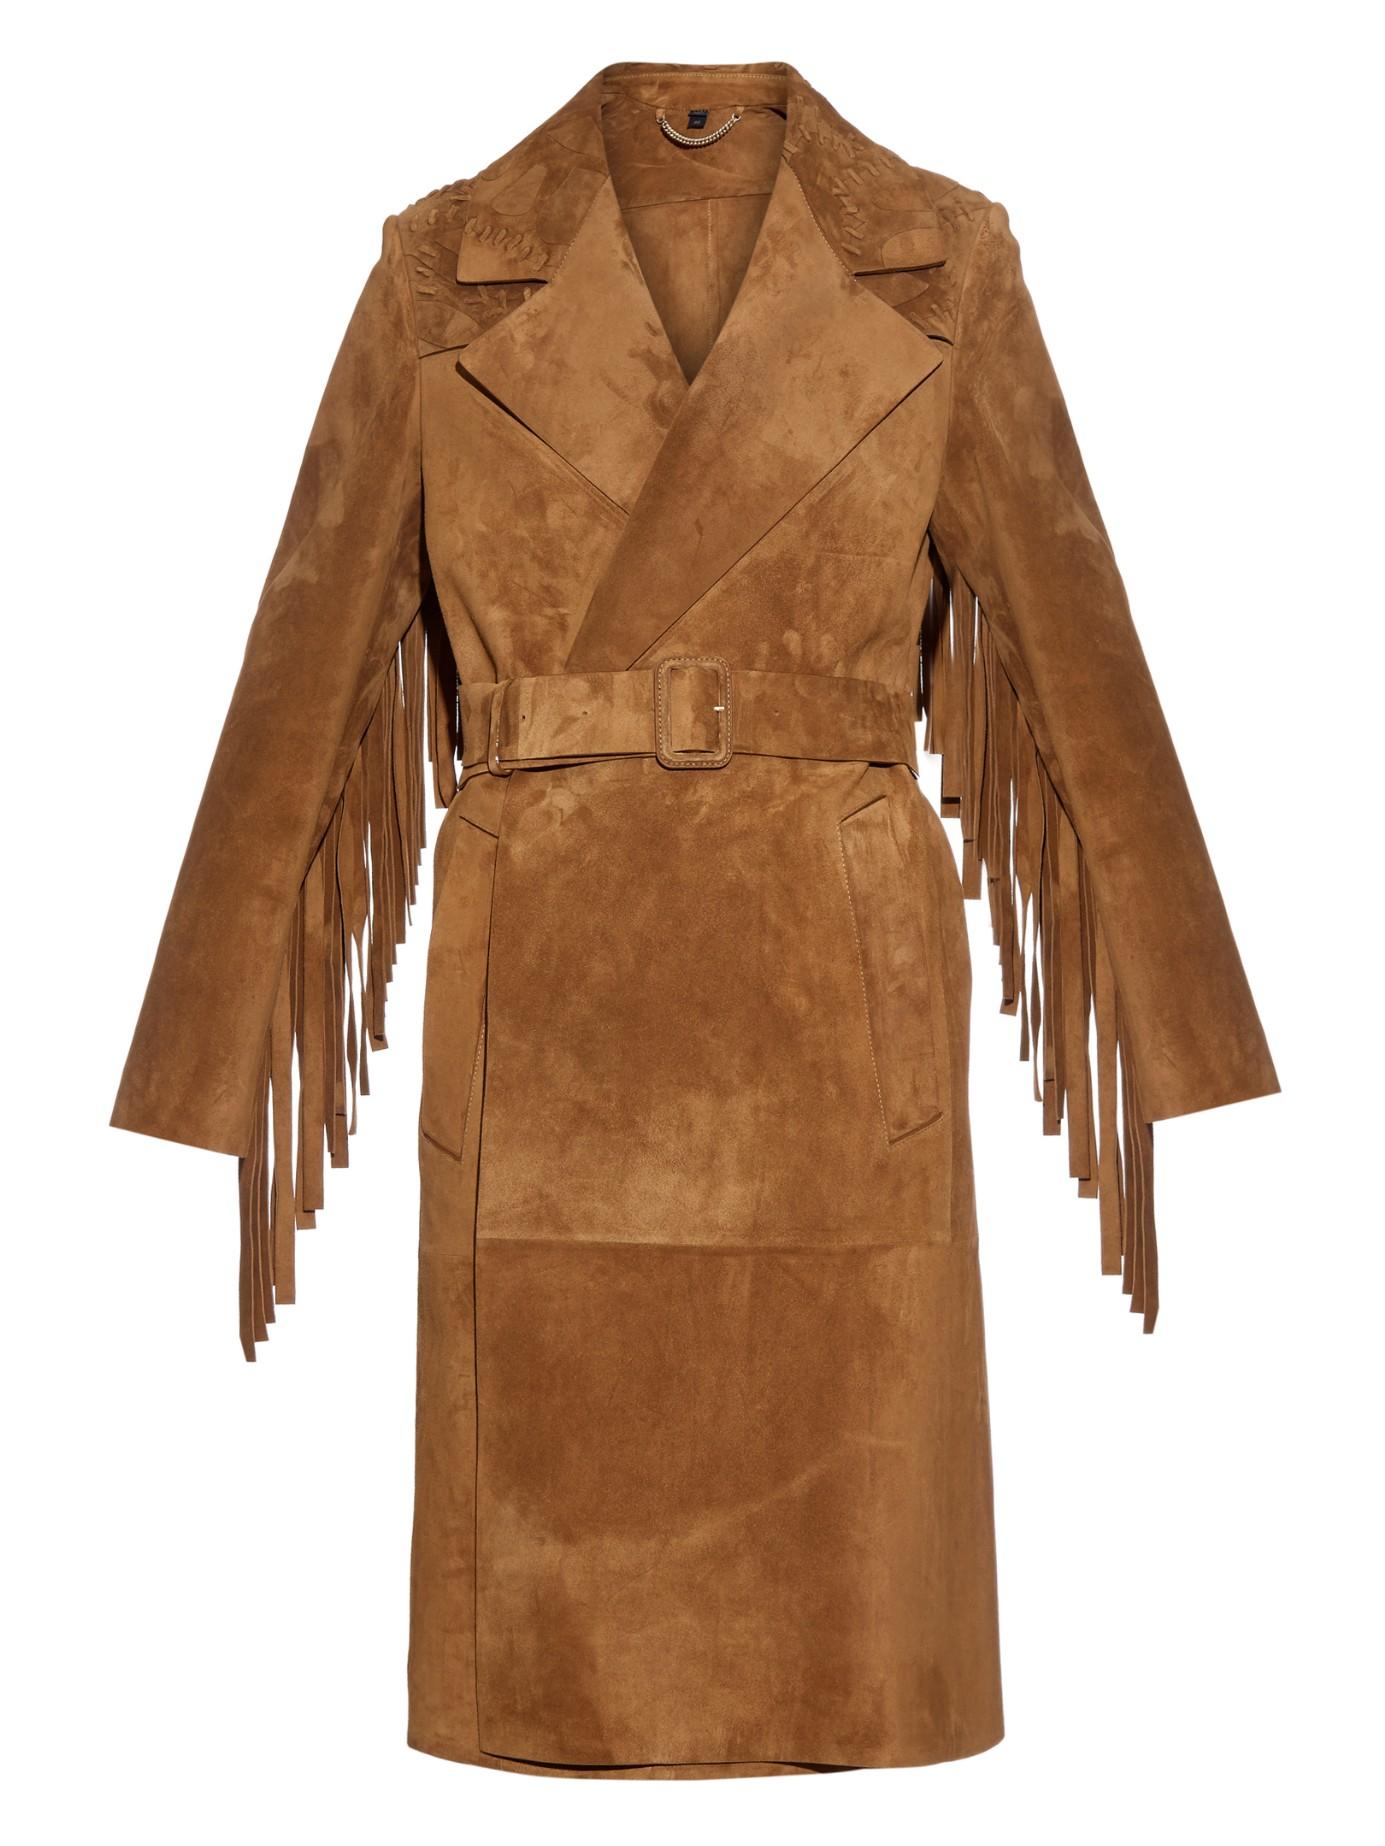 BURBERRY   Prorsum Fringe Suede Coat  Borrow $200 / Retail $4,995